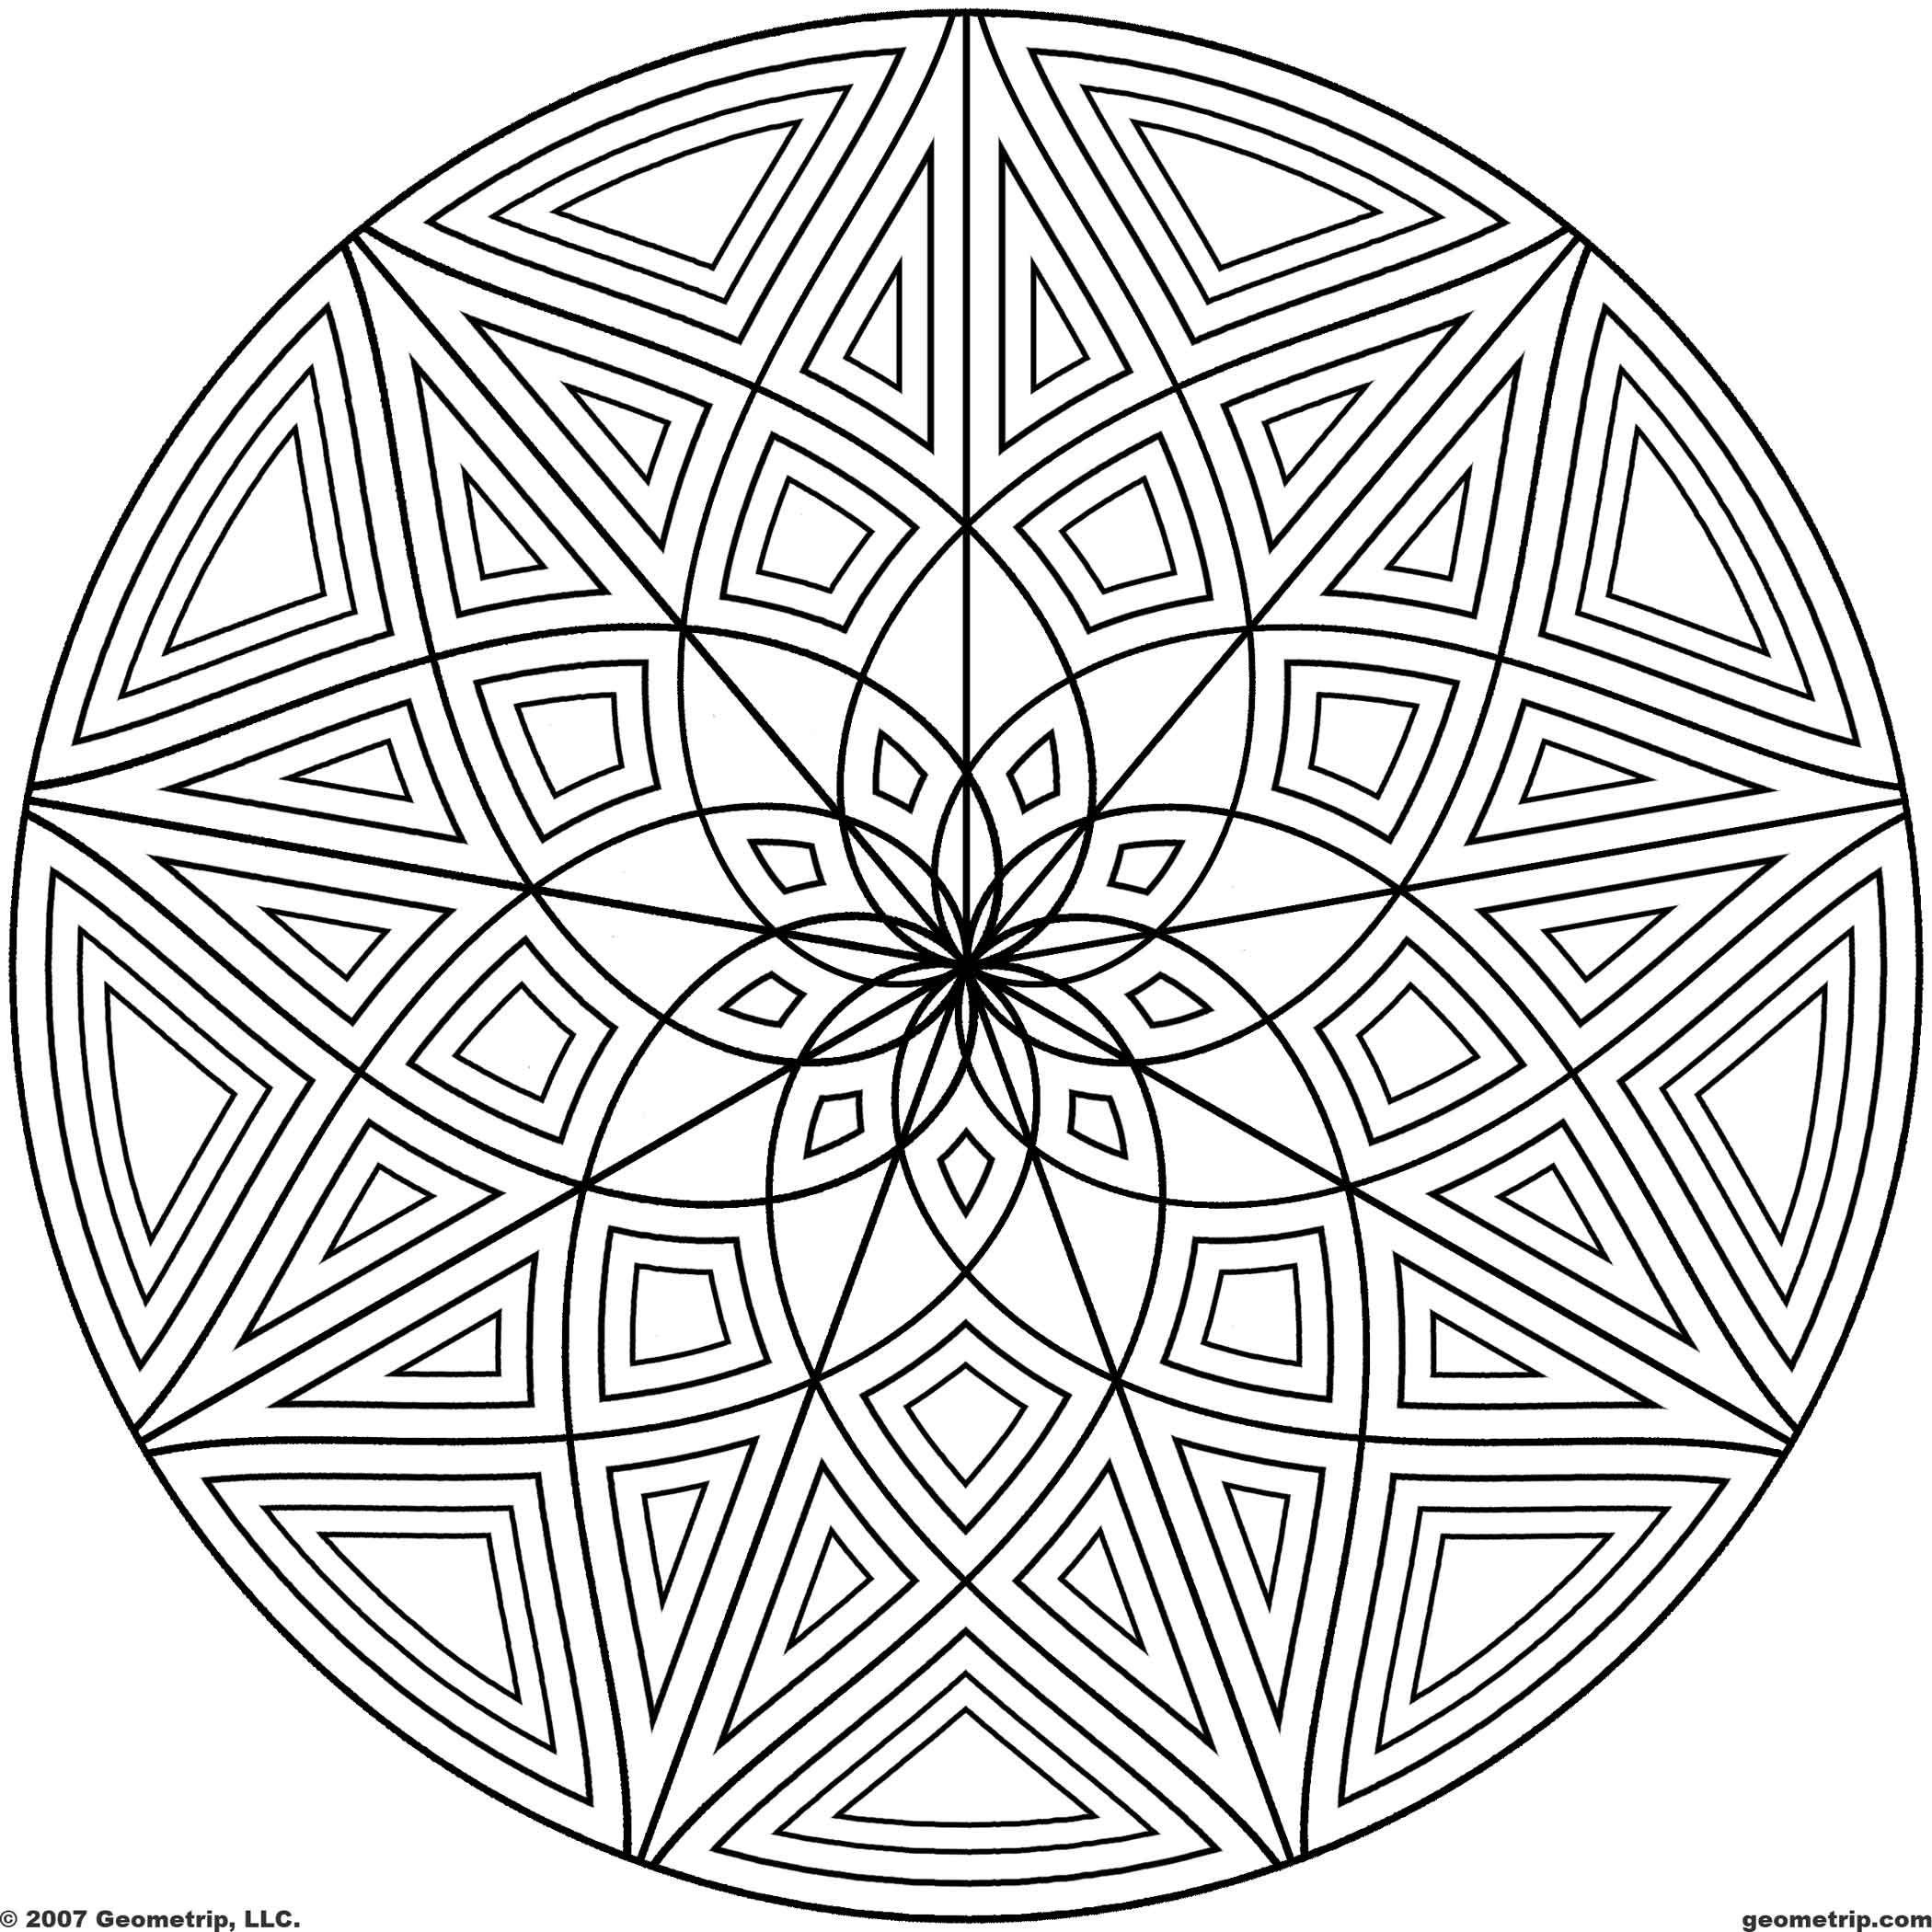 Geometrip Circles Set2 Sym9 2 100 2 100 Pixels